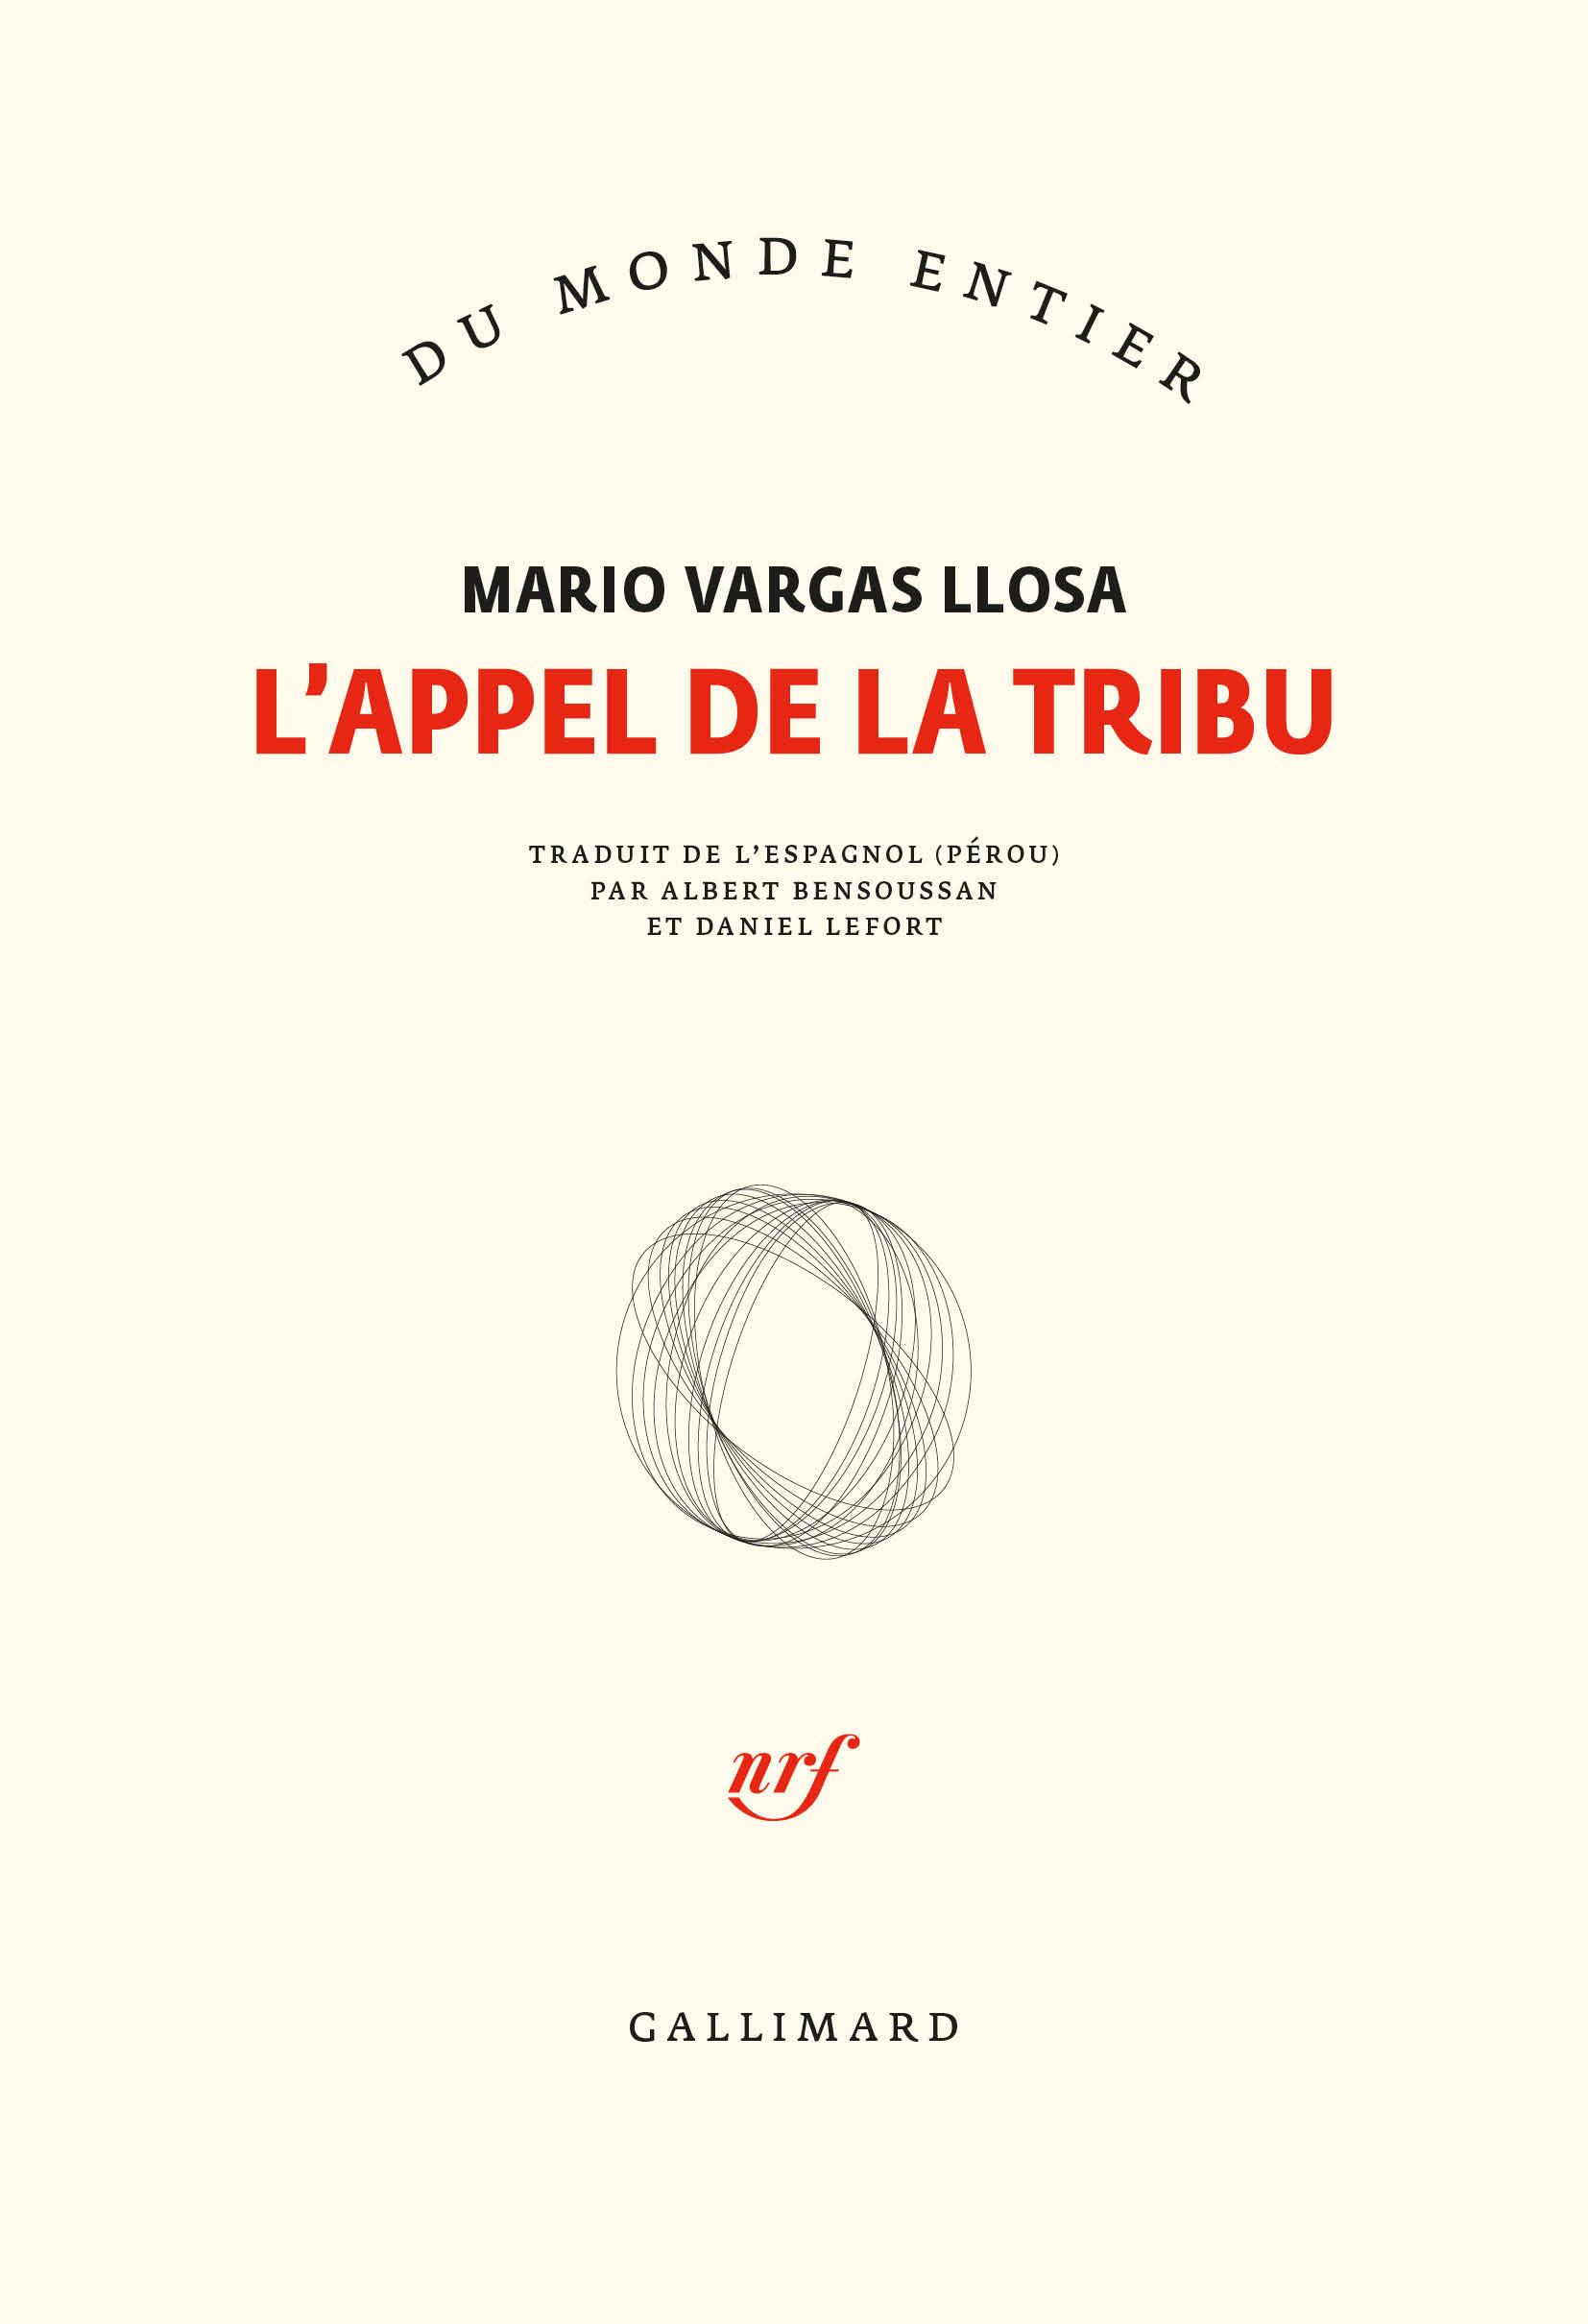 M. Vargas Llosa,L'appel de la tribu